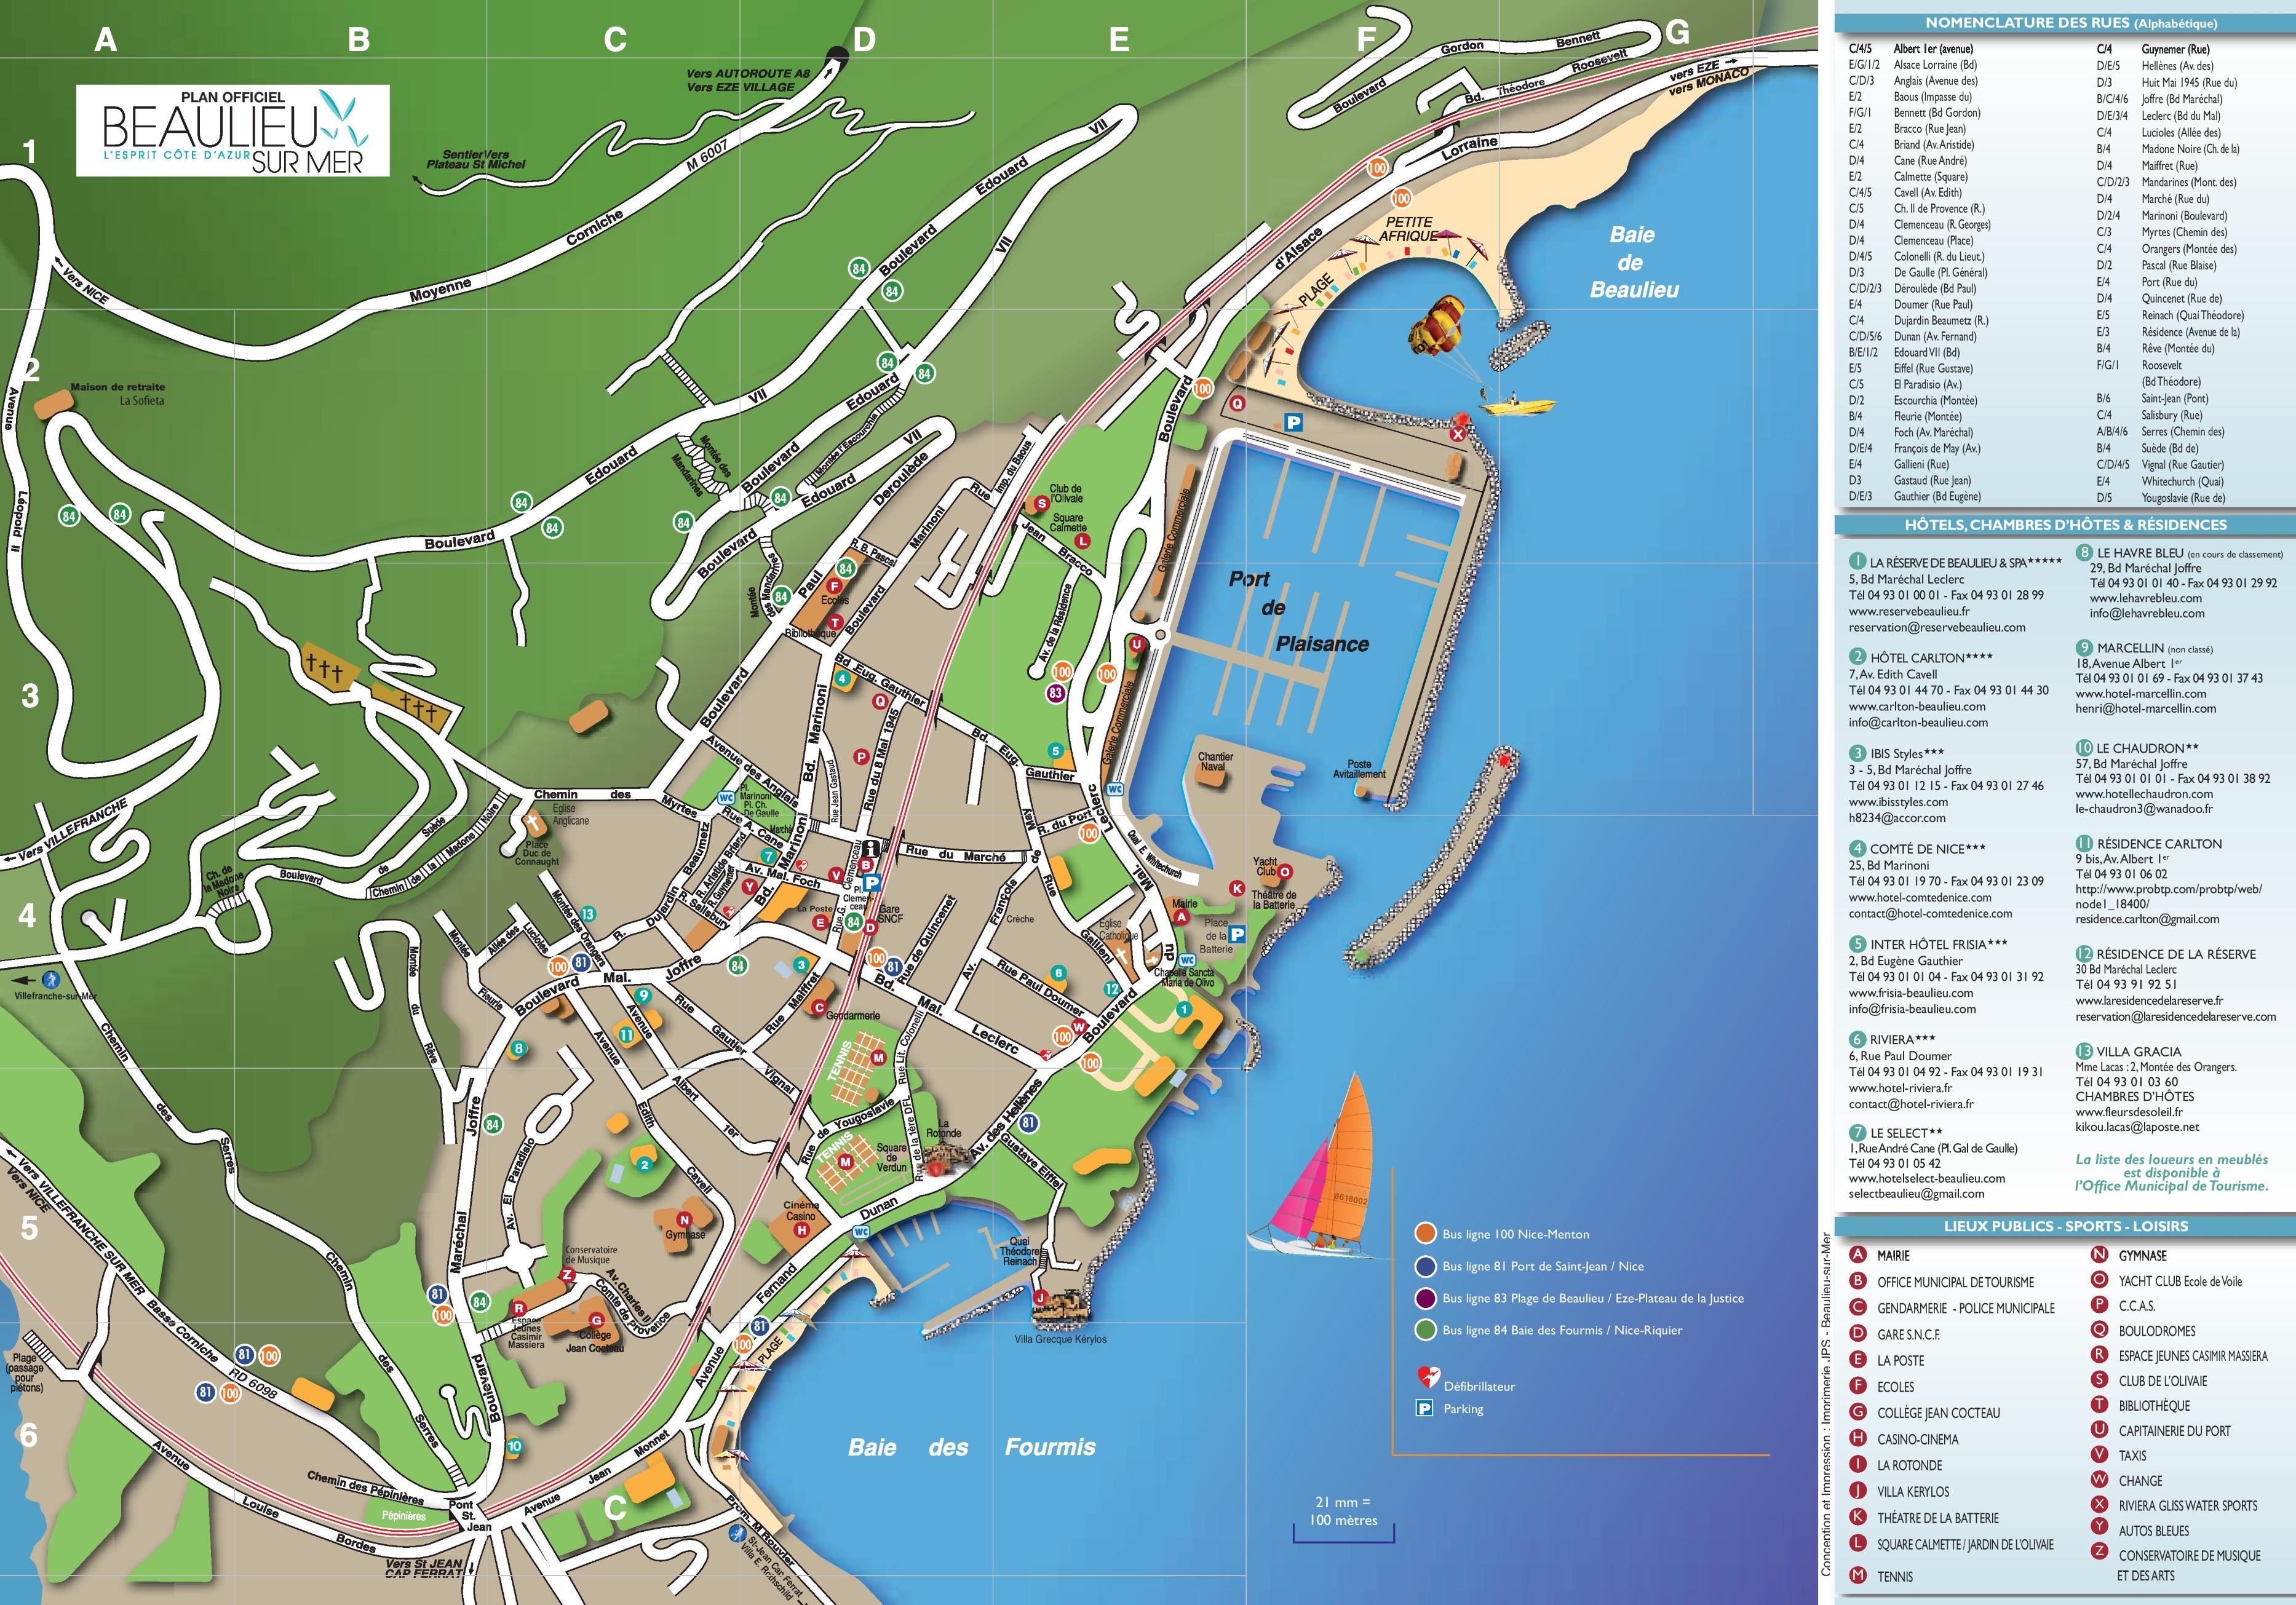 BeaulieusurMer tourist map